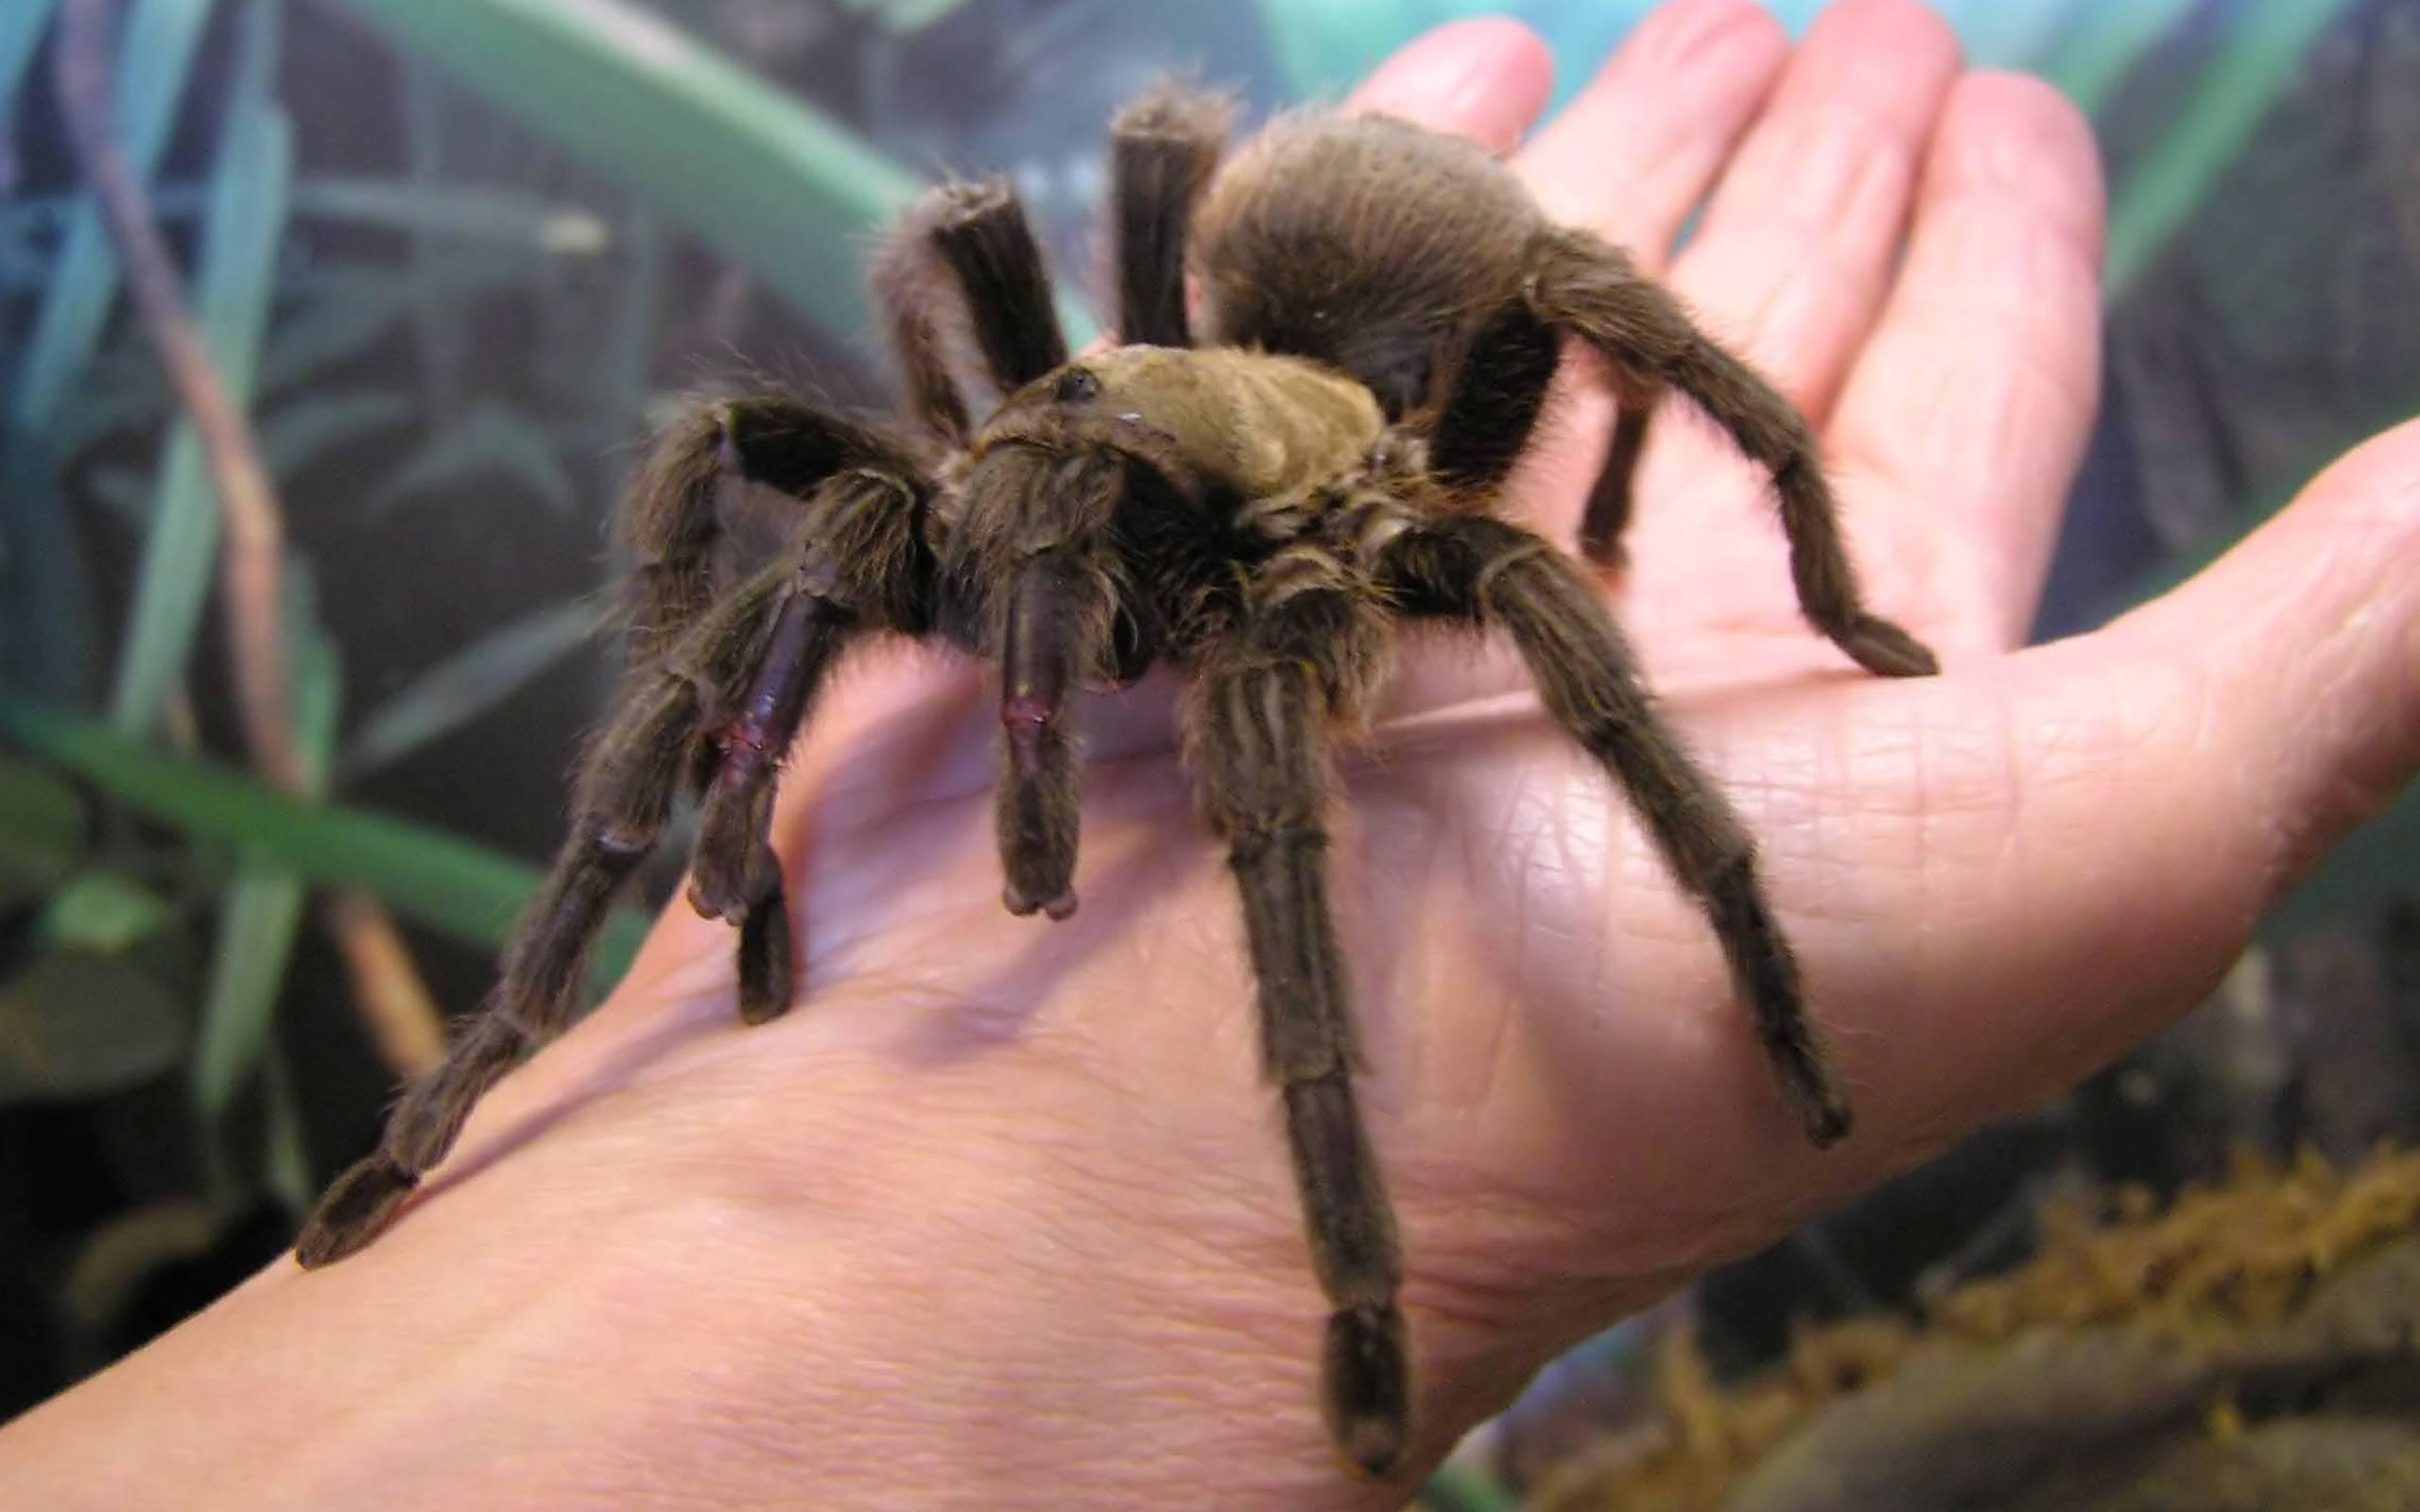 Самые страшные пауки в мире: 10 фотографий жутких членистоногих